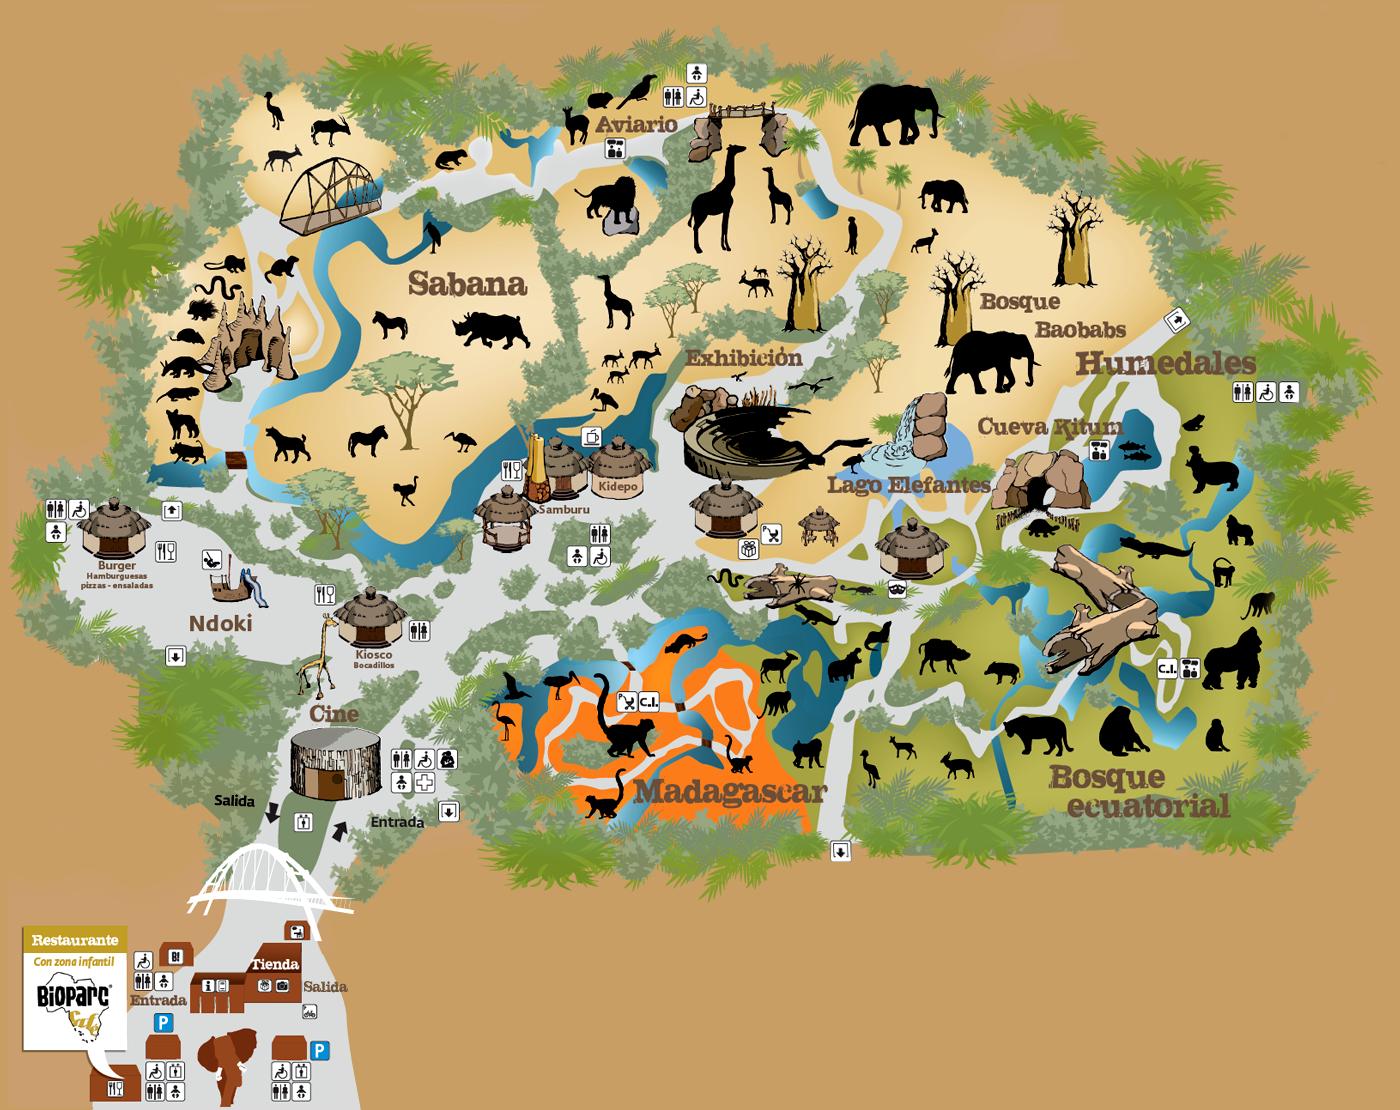 Mapa del Bioparc de Valencia